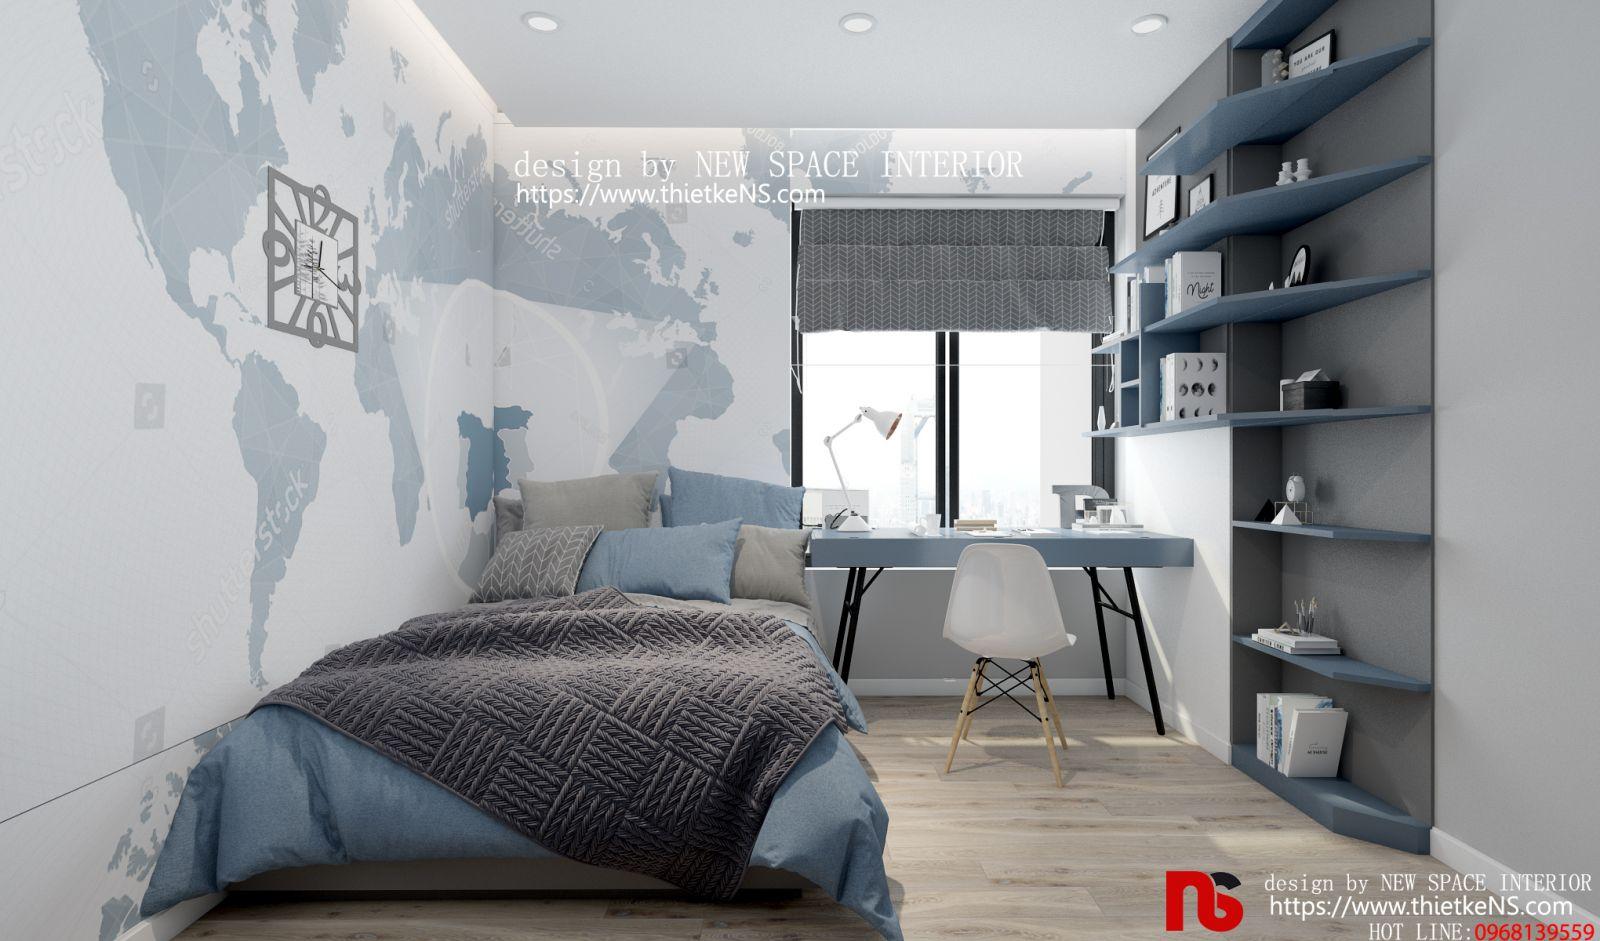 Thiết kế nội thất phòng ngủ chung cư hiện đại, độc đáo